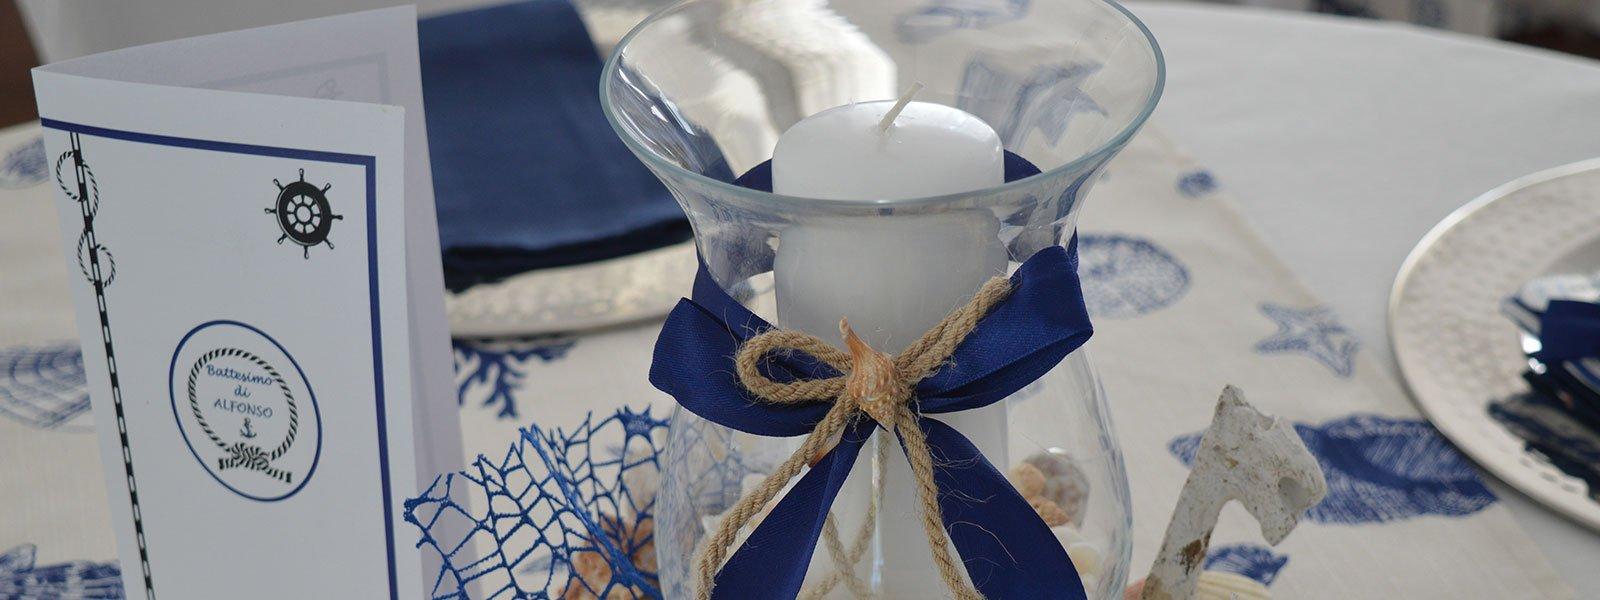 Un vaso con un fiocco di color blu, una candela bianca e accanto un invito con scritto battesimo di Alfonso